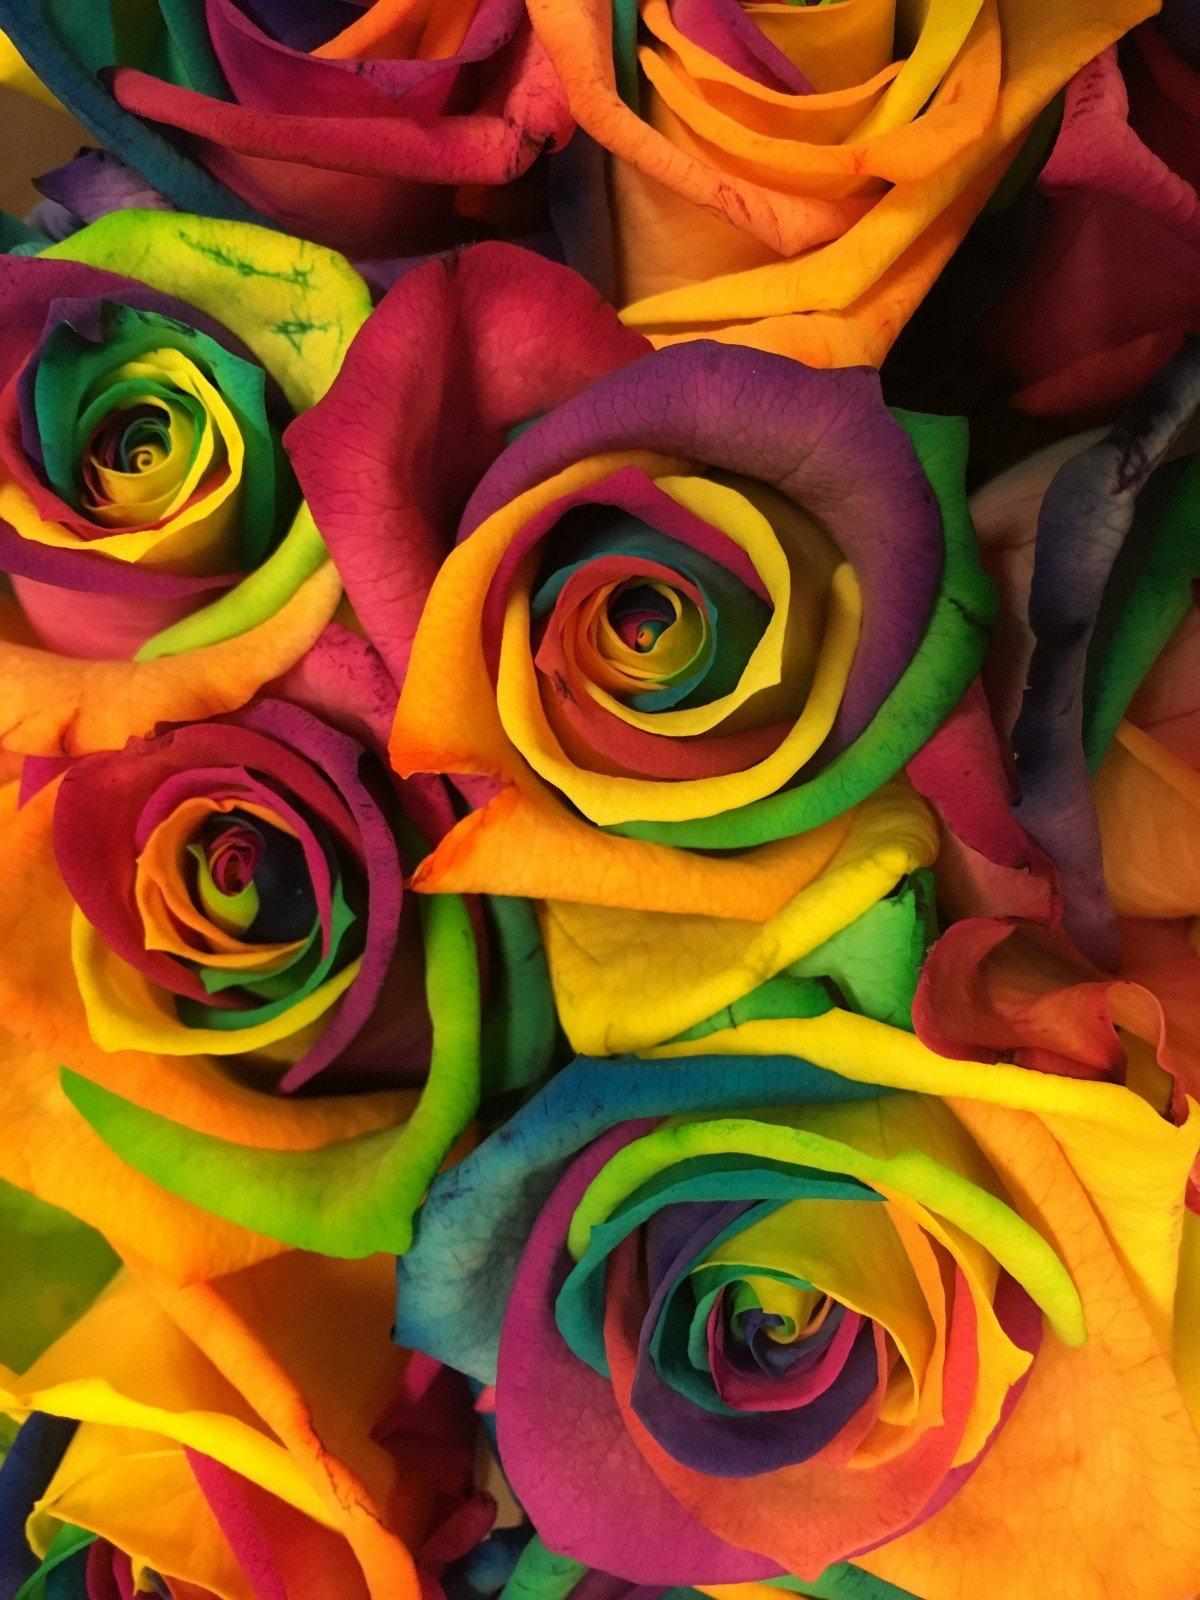 славится международном картинки радужных роз вдруг еще